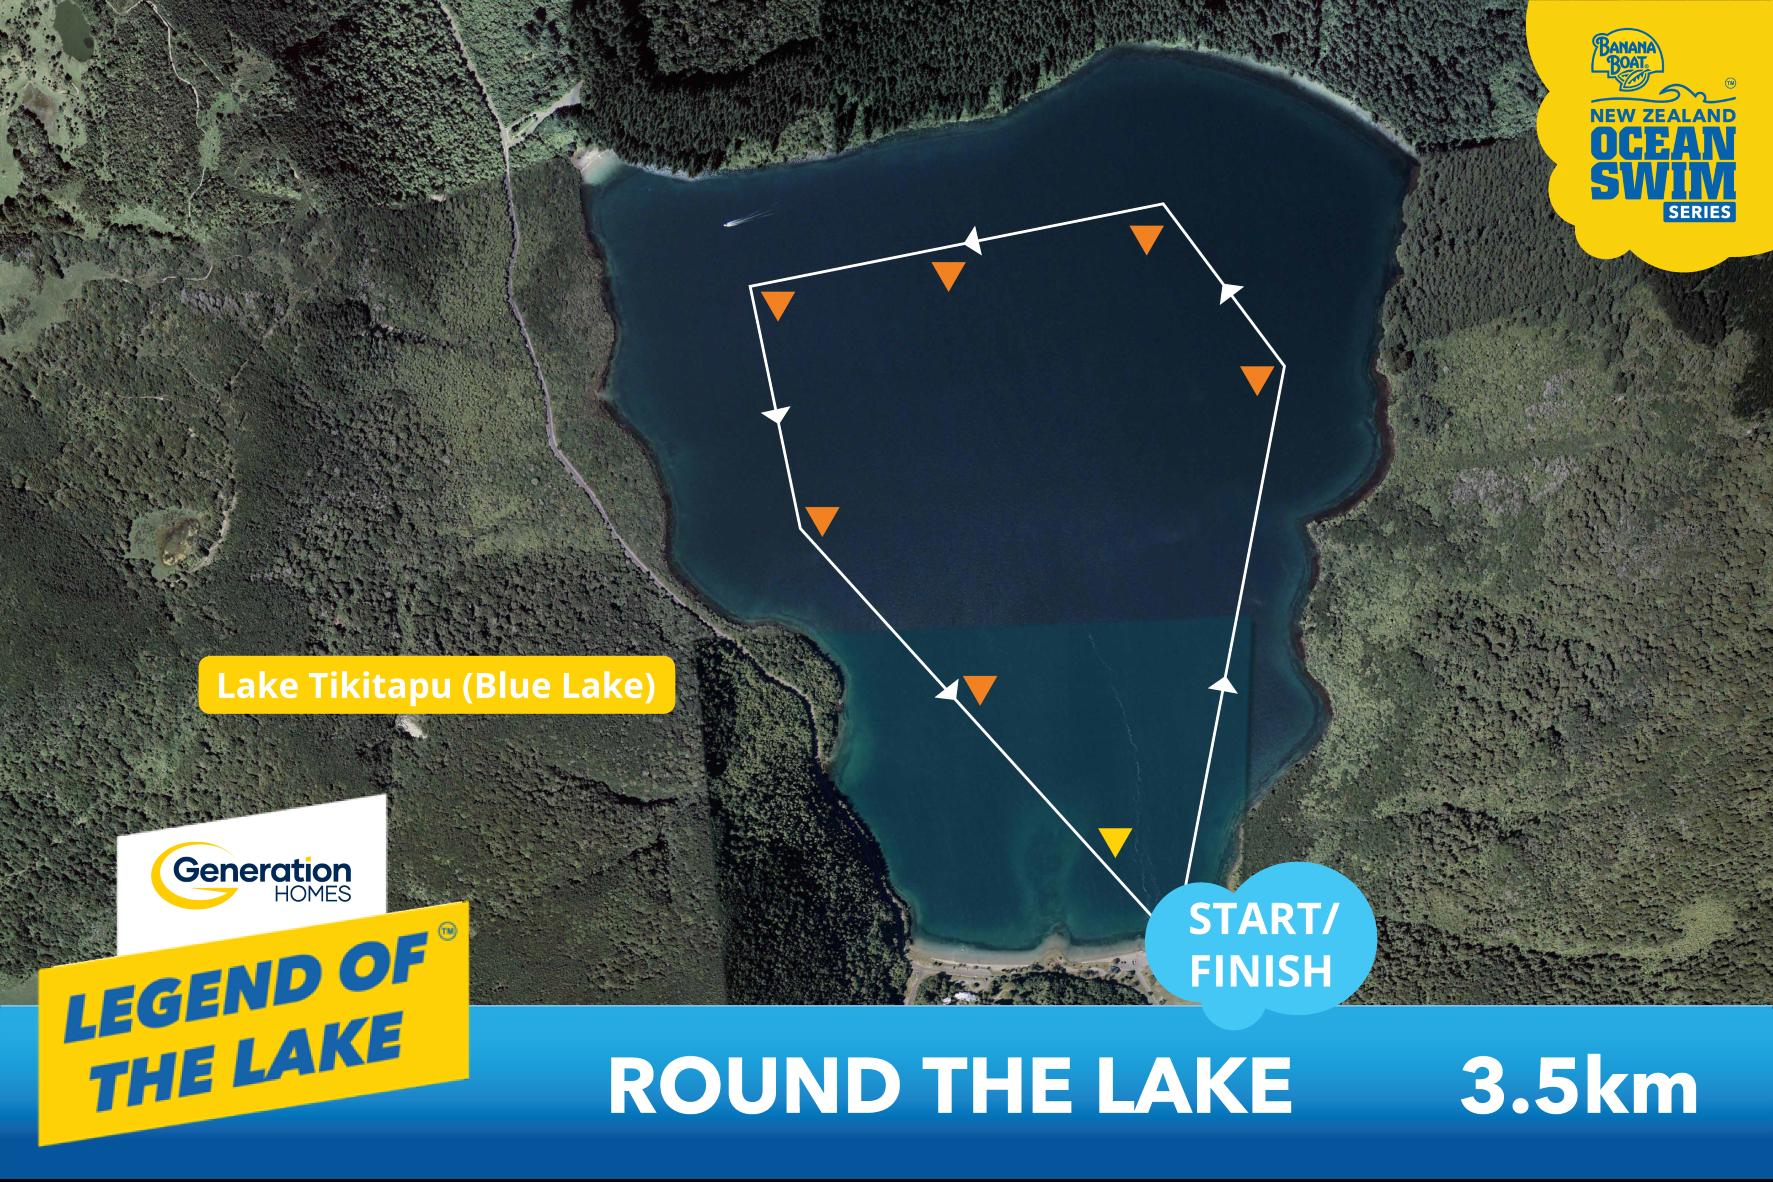 Round the Lake